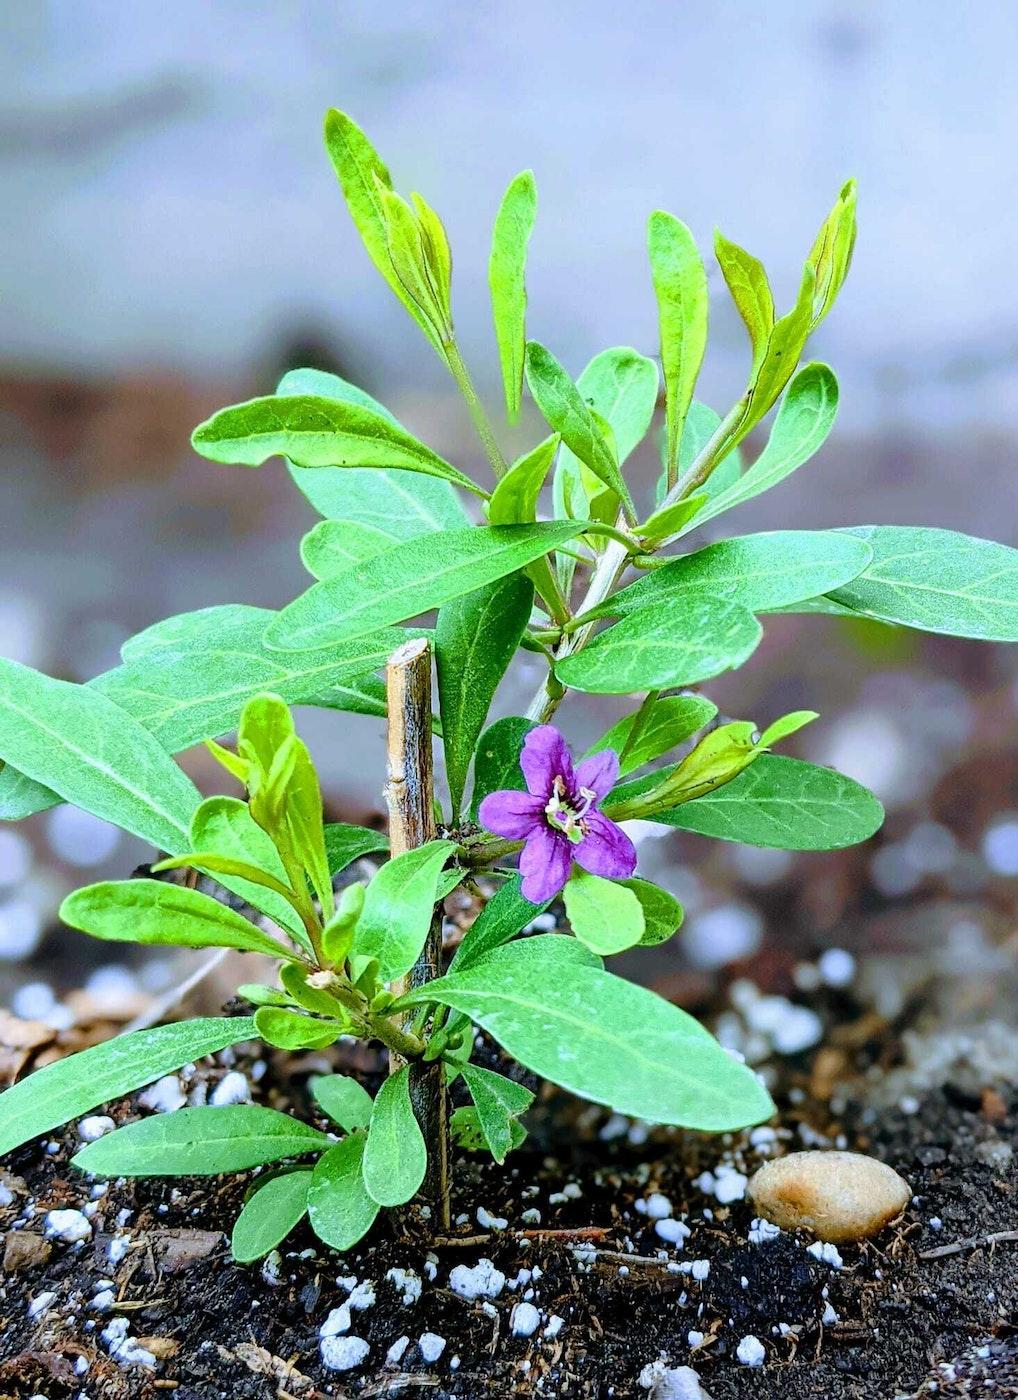 A goji cutting in bloom. Cutting propagated by Yong Fei Guan